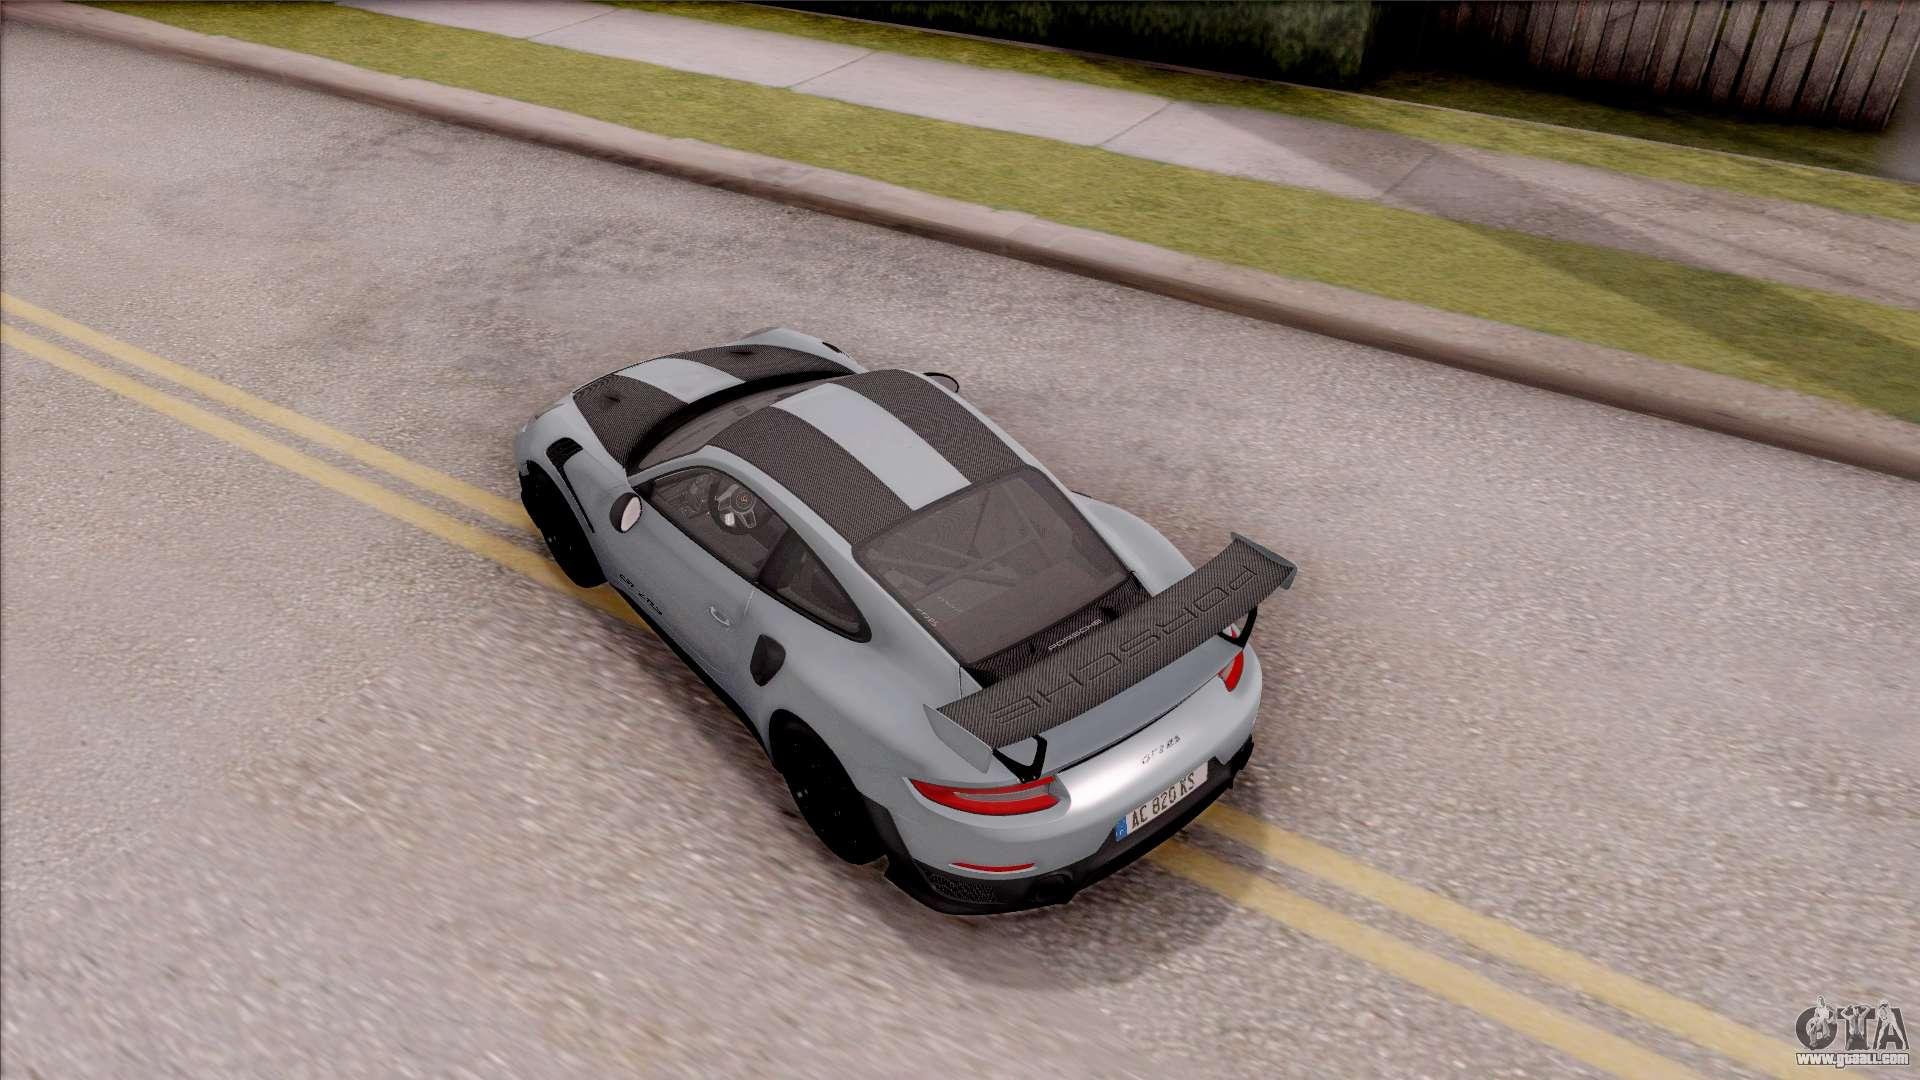 418327-enb2017-7-10-5-15-17 Remarkable Porsche 911 Gt2 Xbox 360 Cars Trend